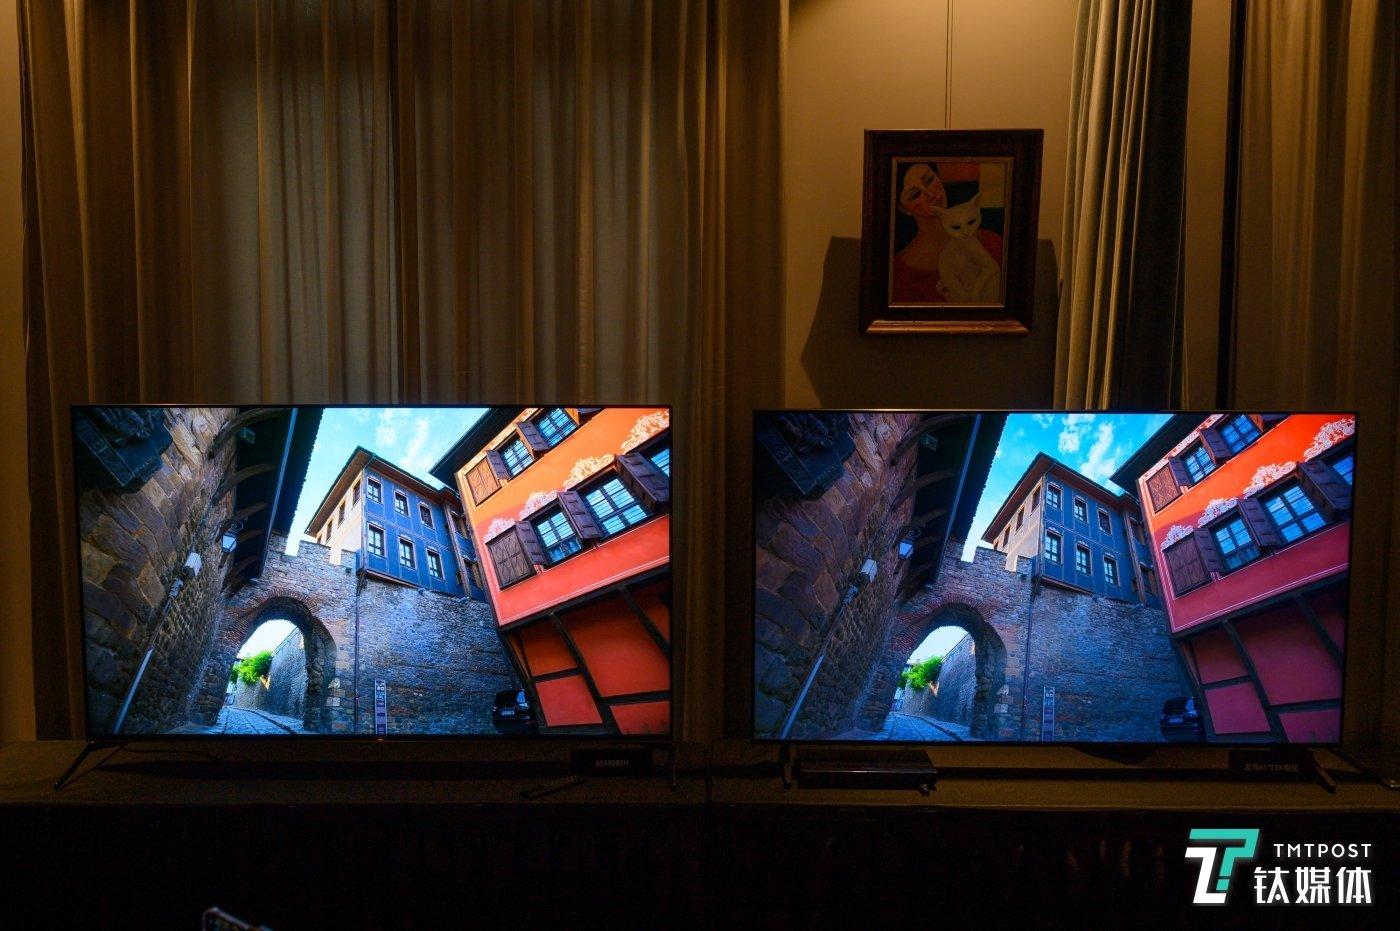 左侧(索尼65X9500H)的阴影与颜色还原优于右侧(三星65Q700T)